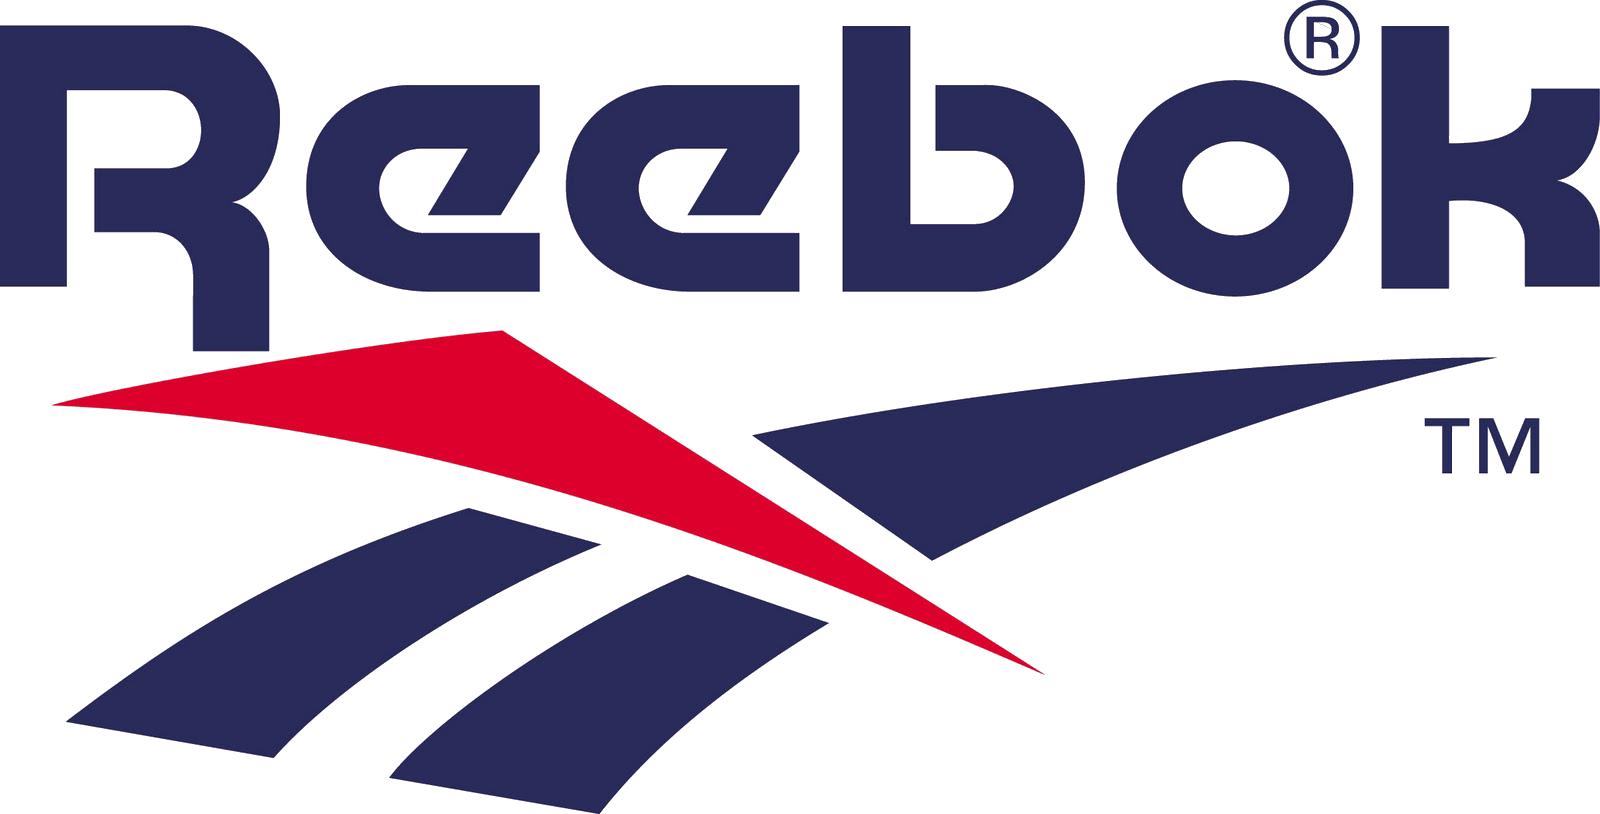 Reebok Logo PNG Image - Reebok Logo PNG